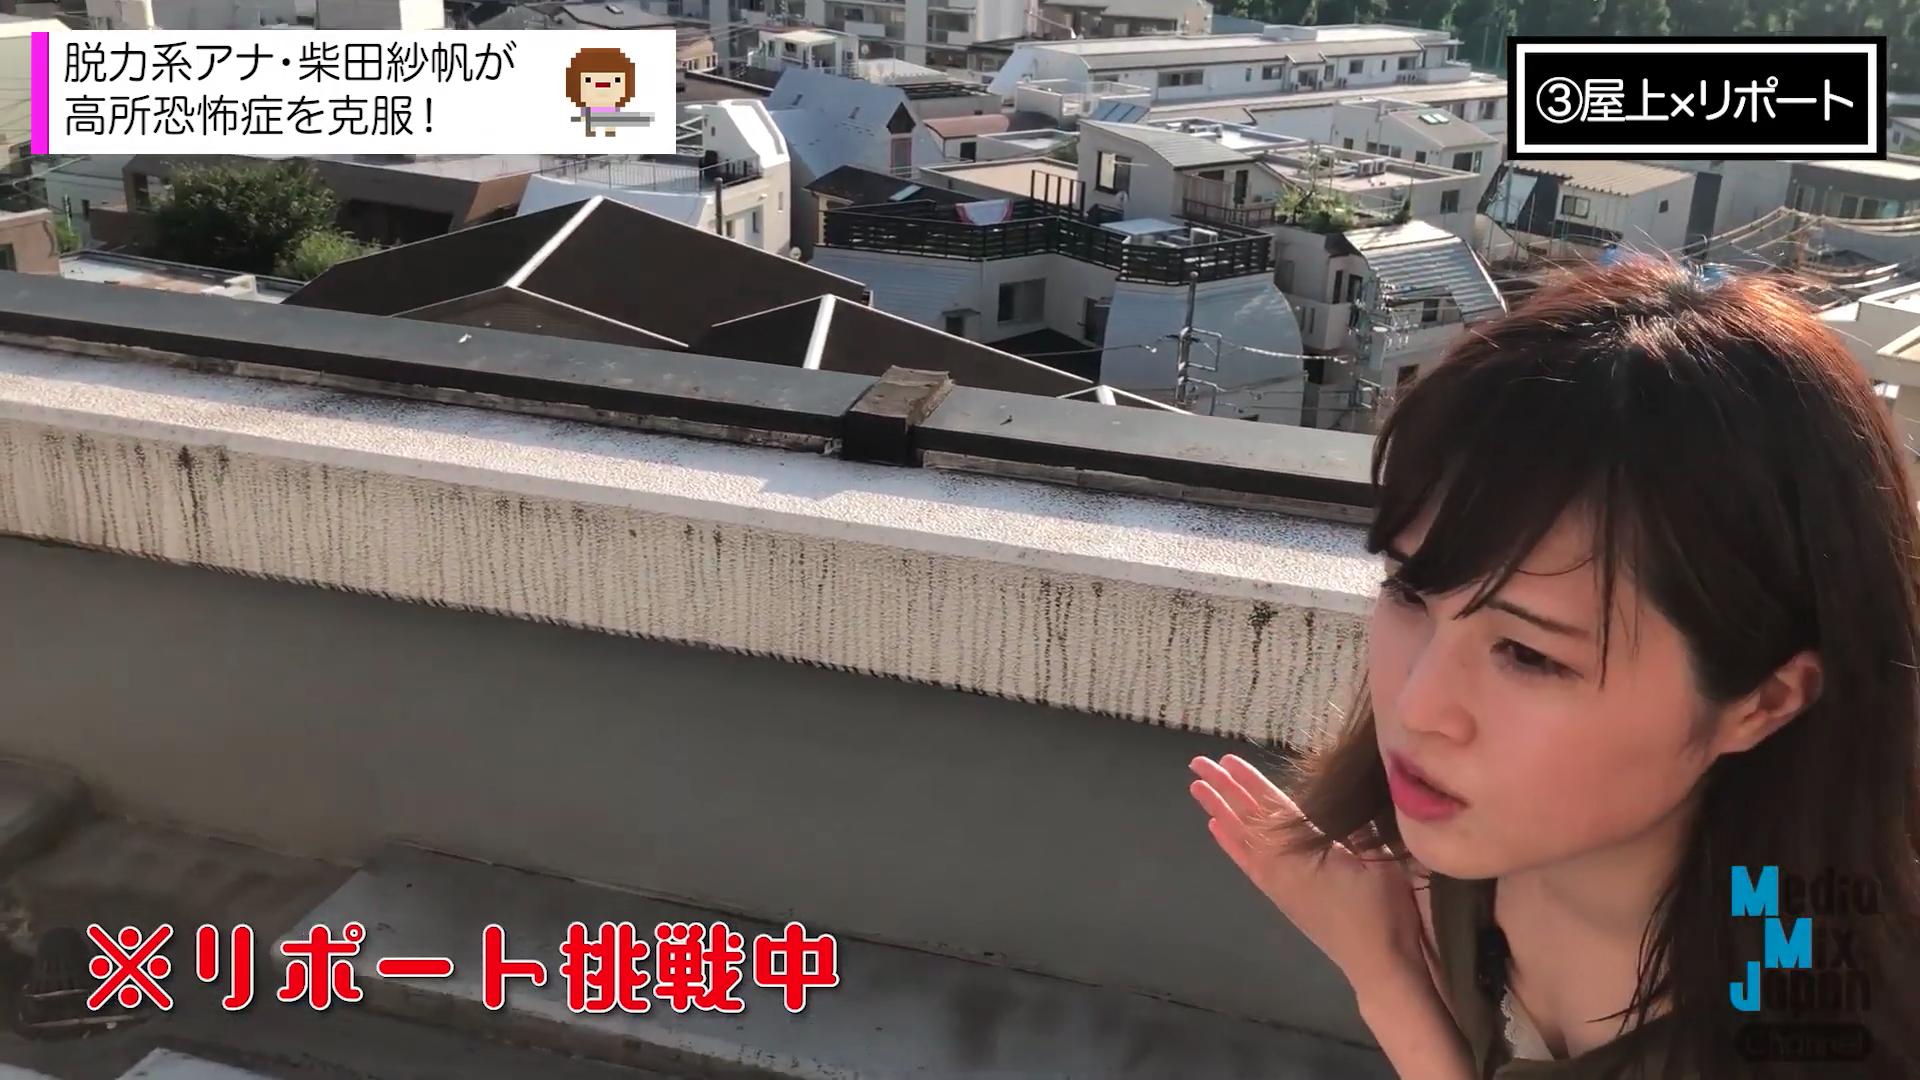 柴田紗帆乳首7